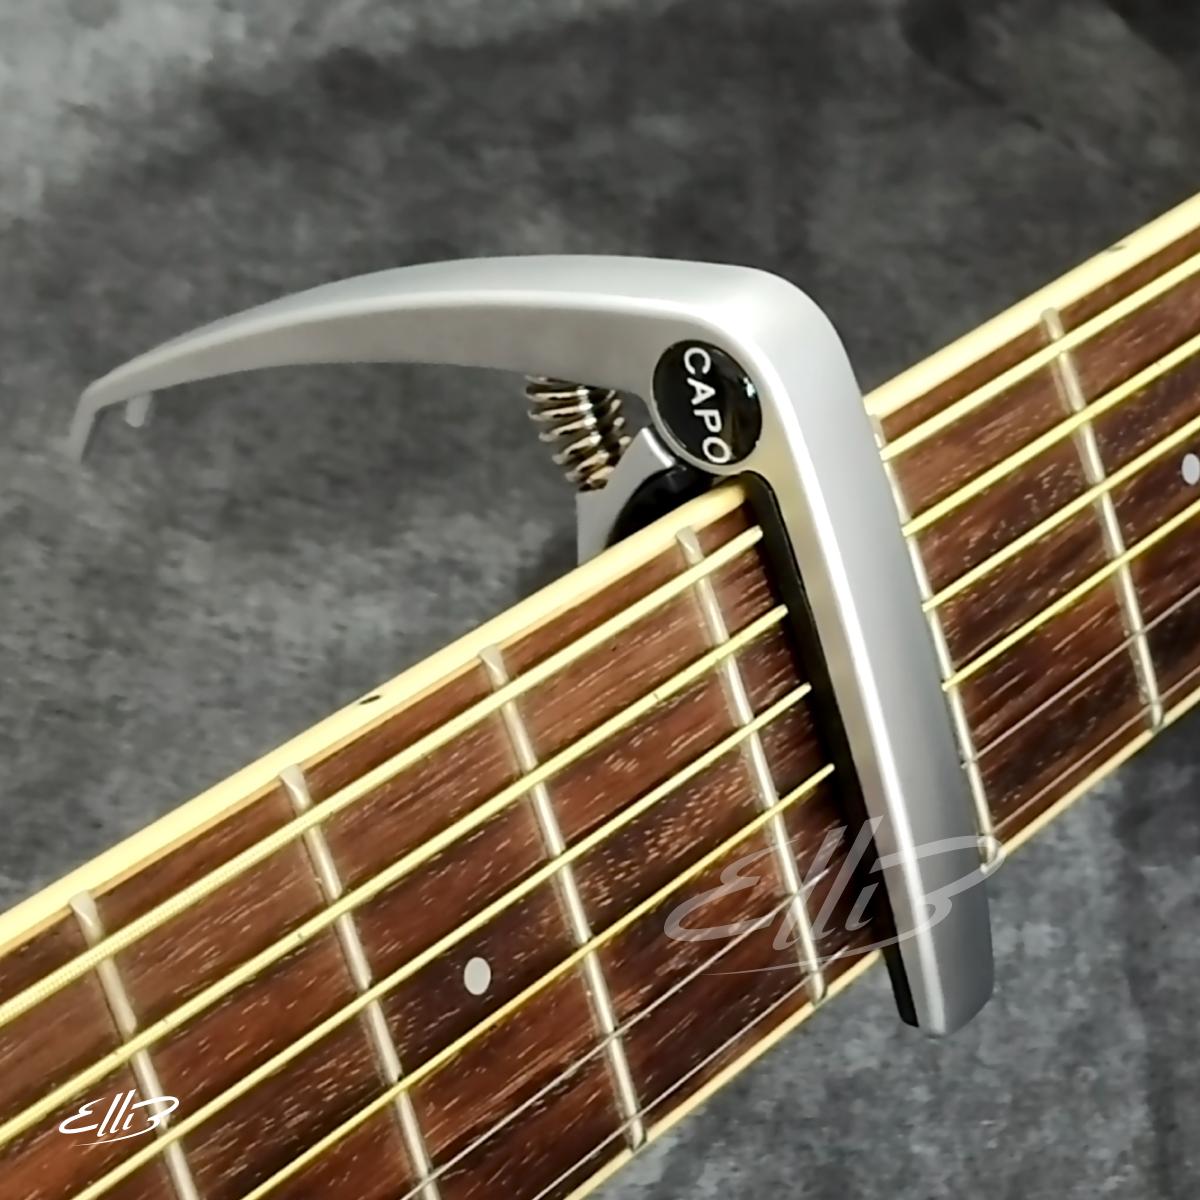 Capo Guitar cao cấp E202 (màu bạc – nhám) – kẹp tăng tông có kèm khoá mở chốt dây đàn